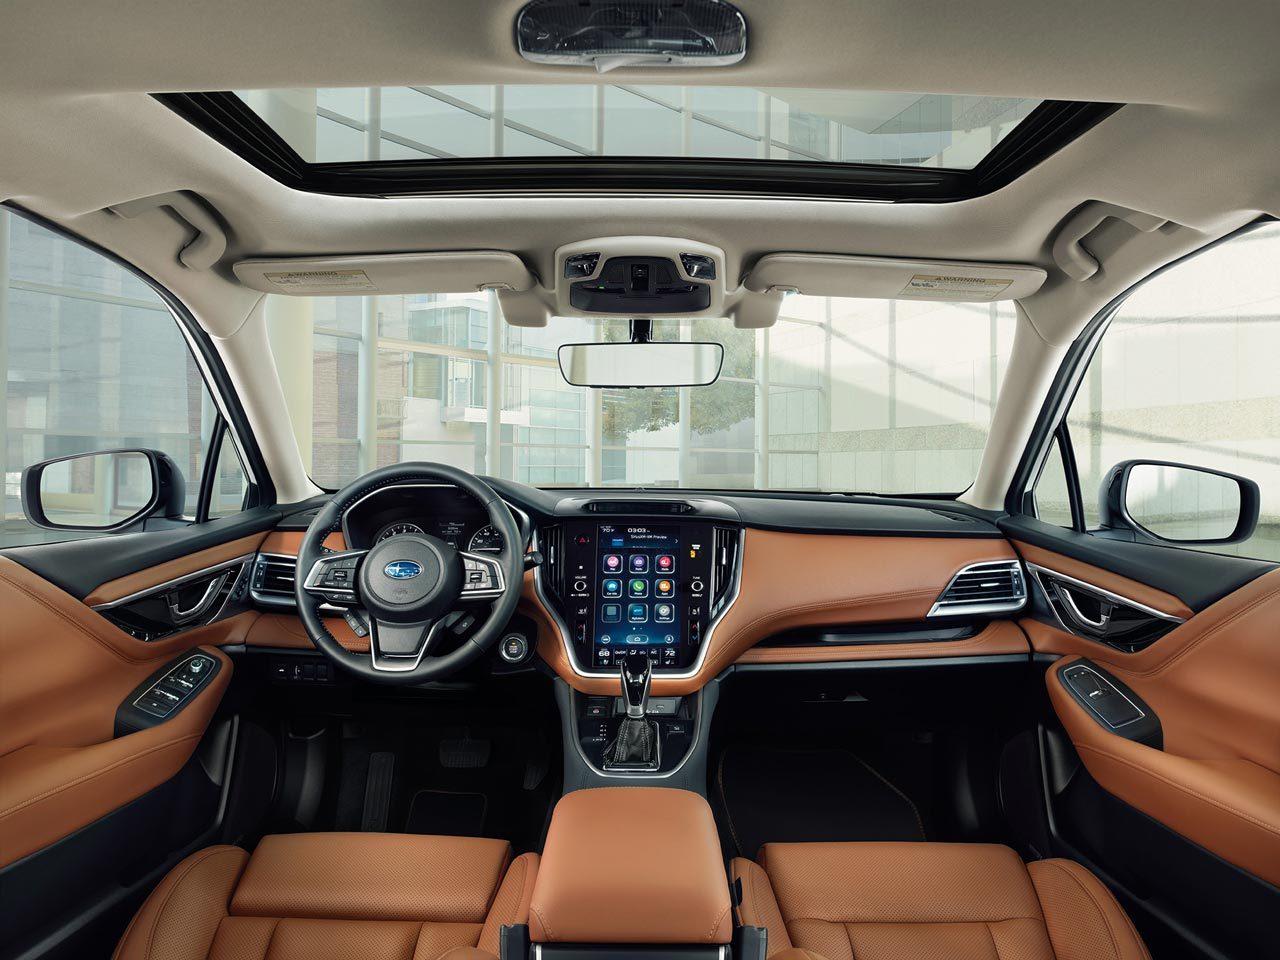 新型スバル・レガシィ セダンが世界初公開。2.4L直噴ターボ、グローバルプラットフォーム採用